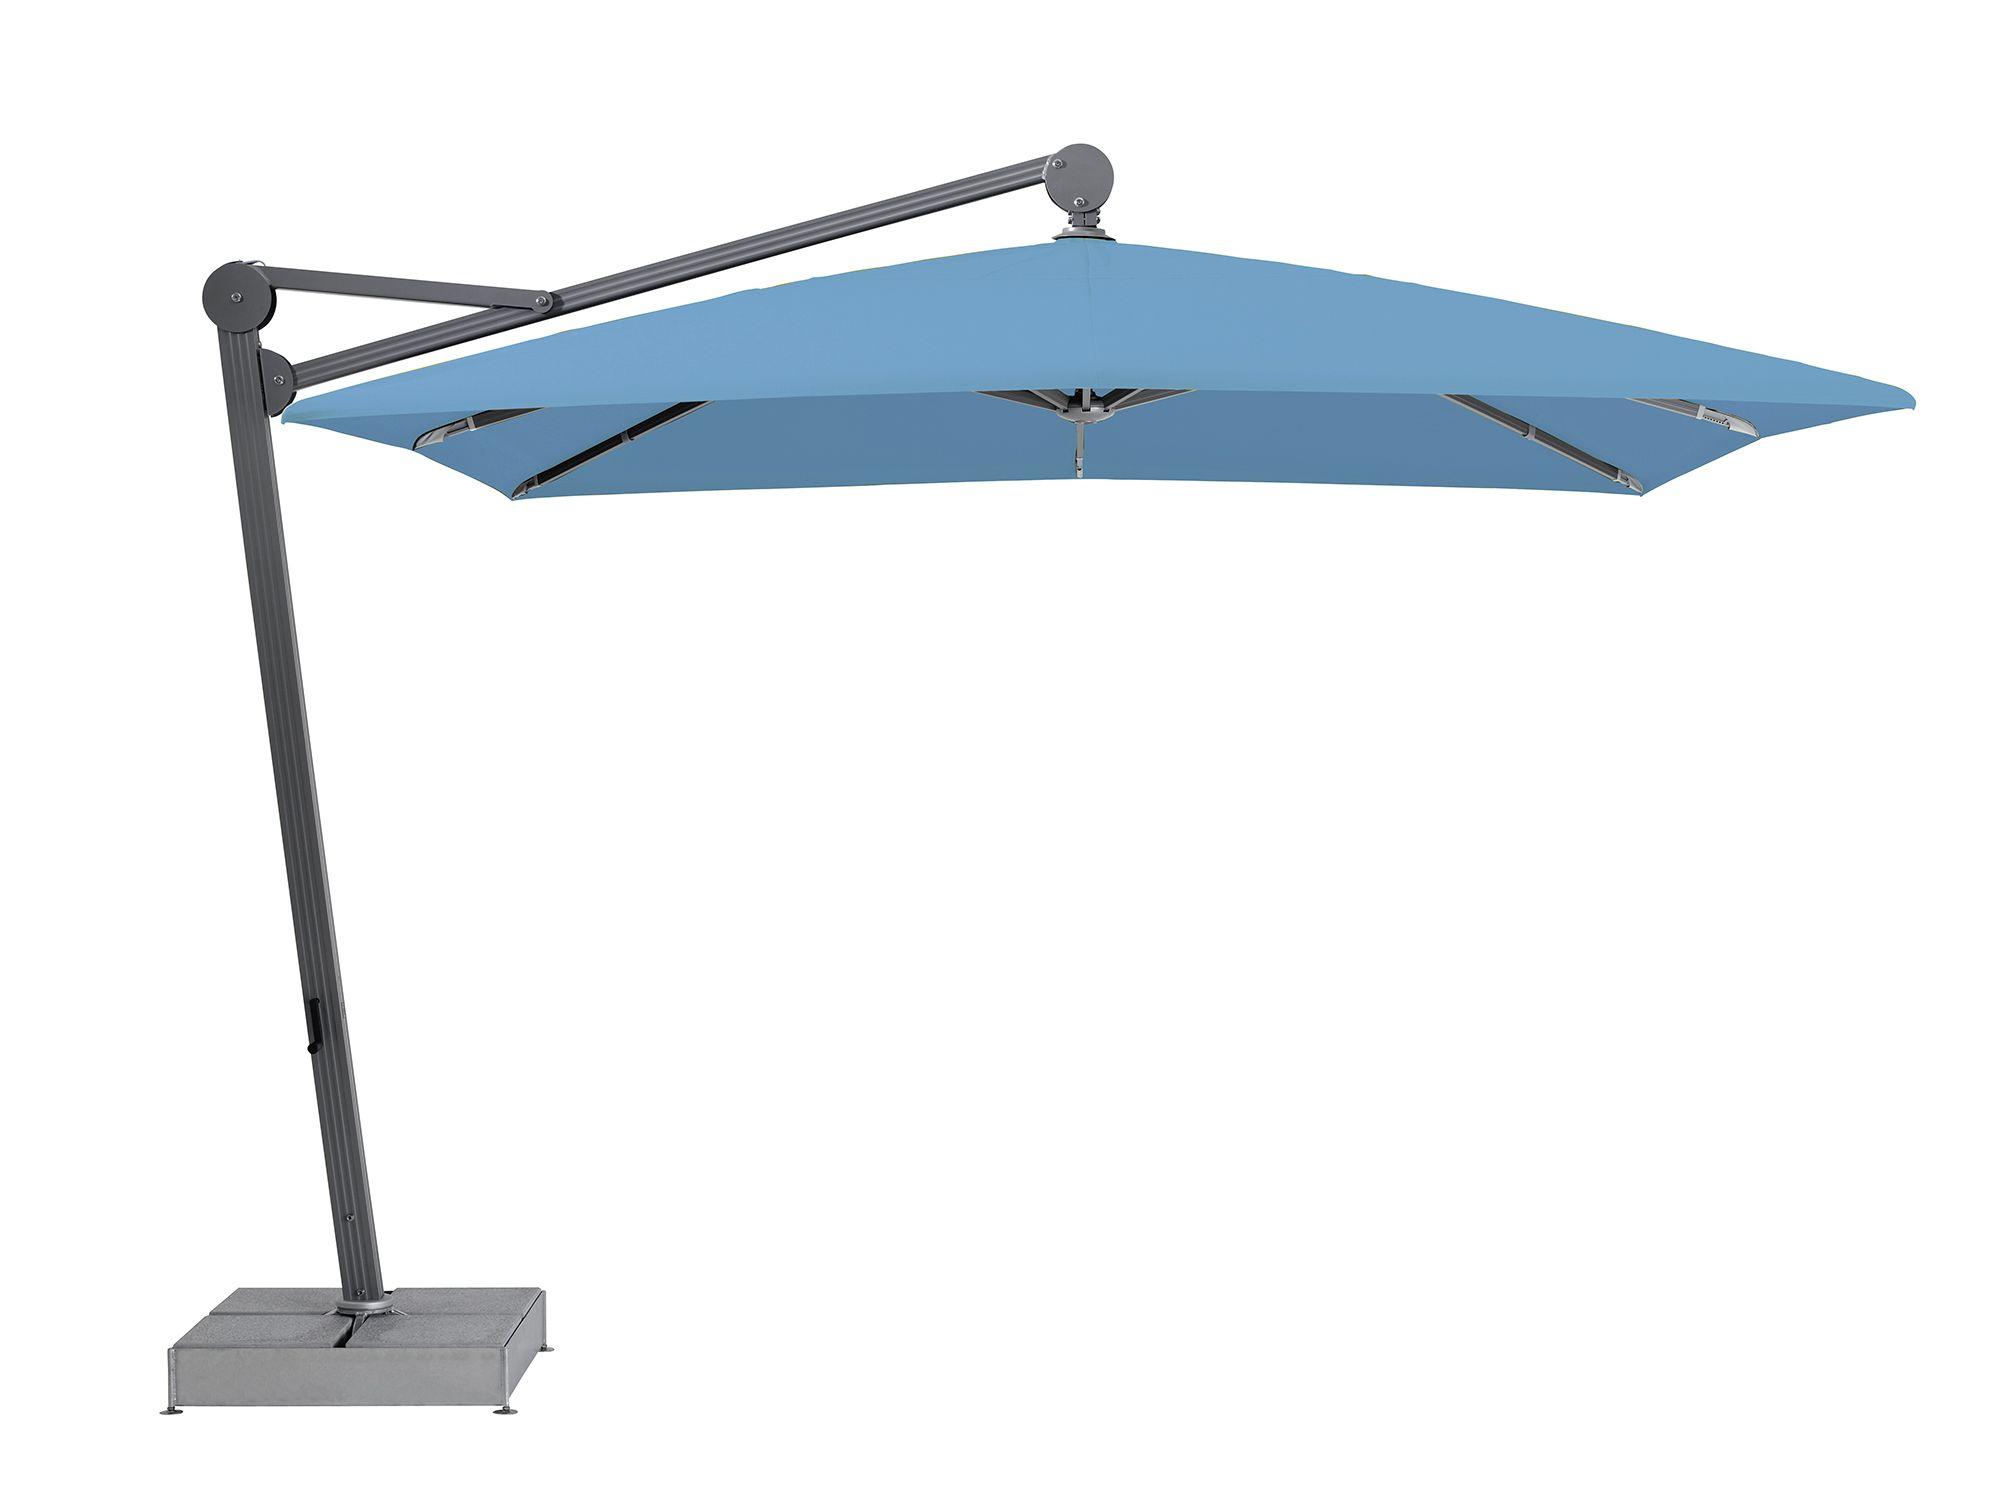 Glatz Alu Twist auf grüner Dachterrasse ☂ lila Sonnenschirm ☂ grüne Idylle Sonnenschirme Pinterest